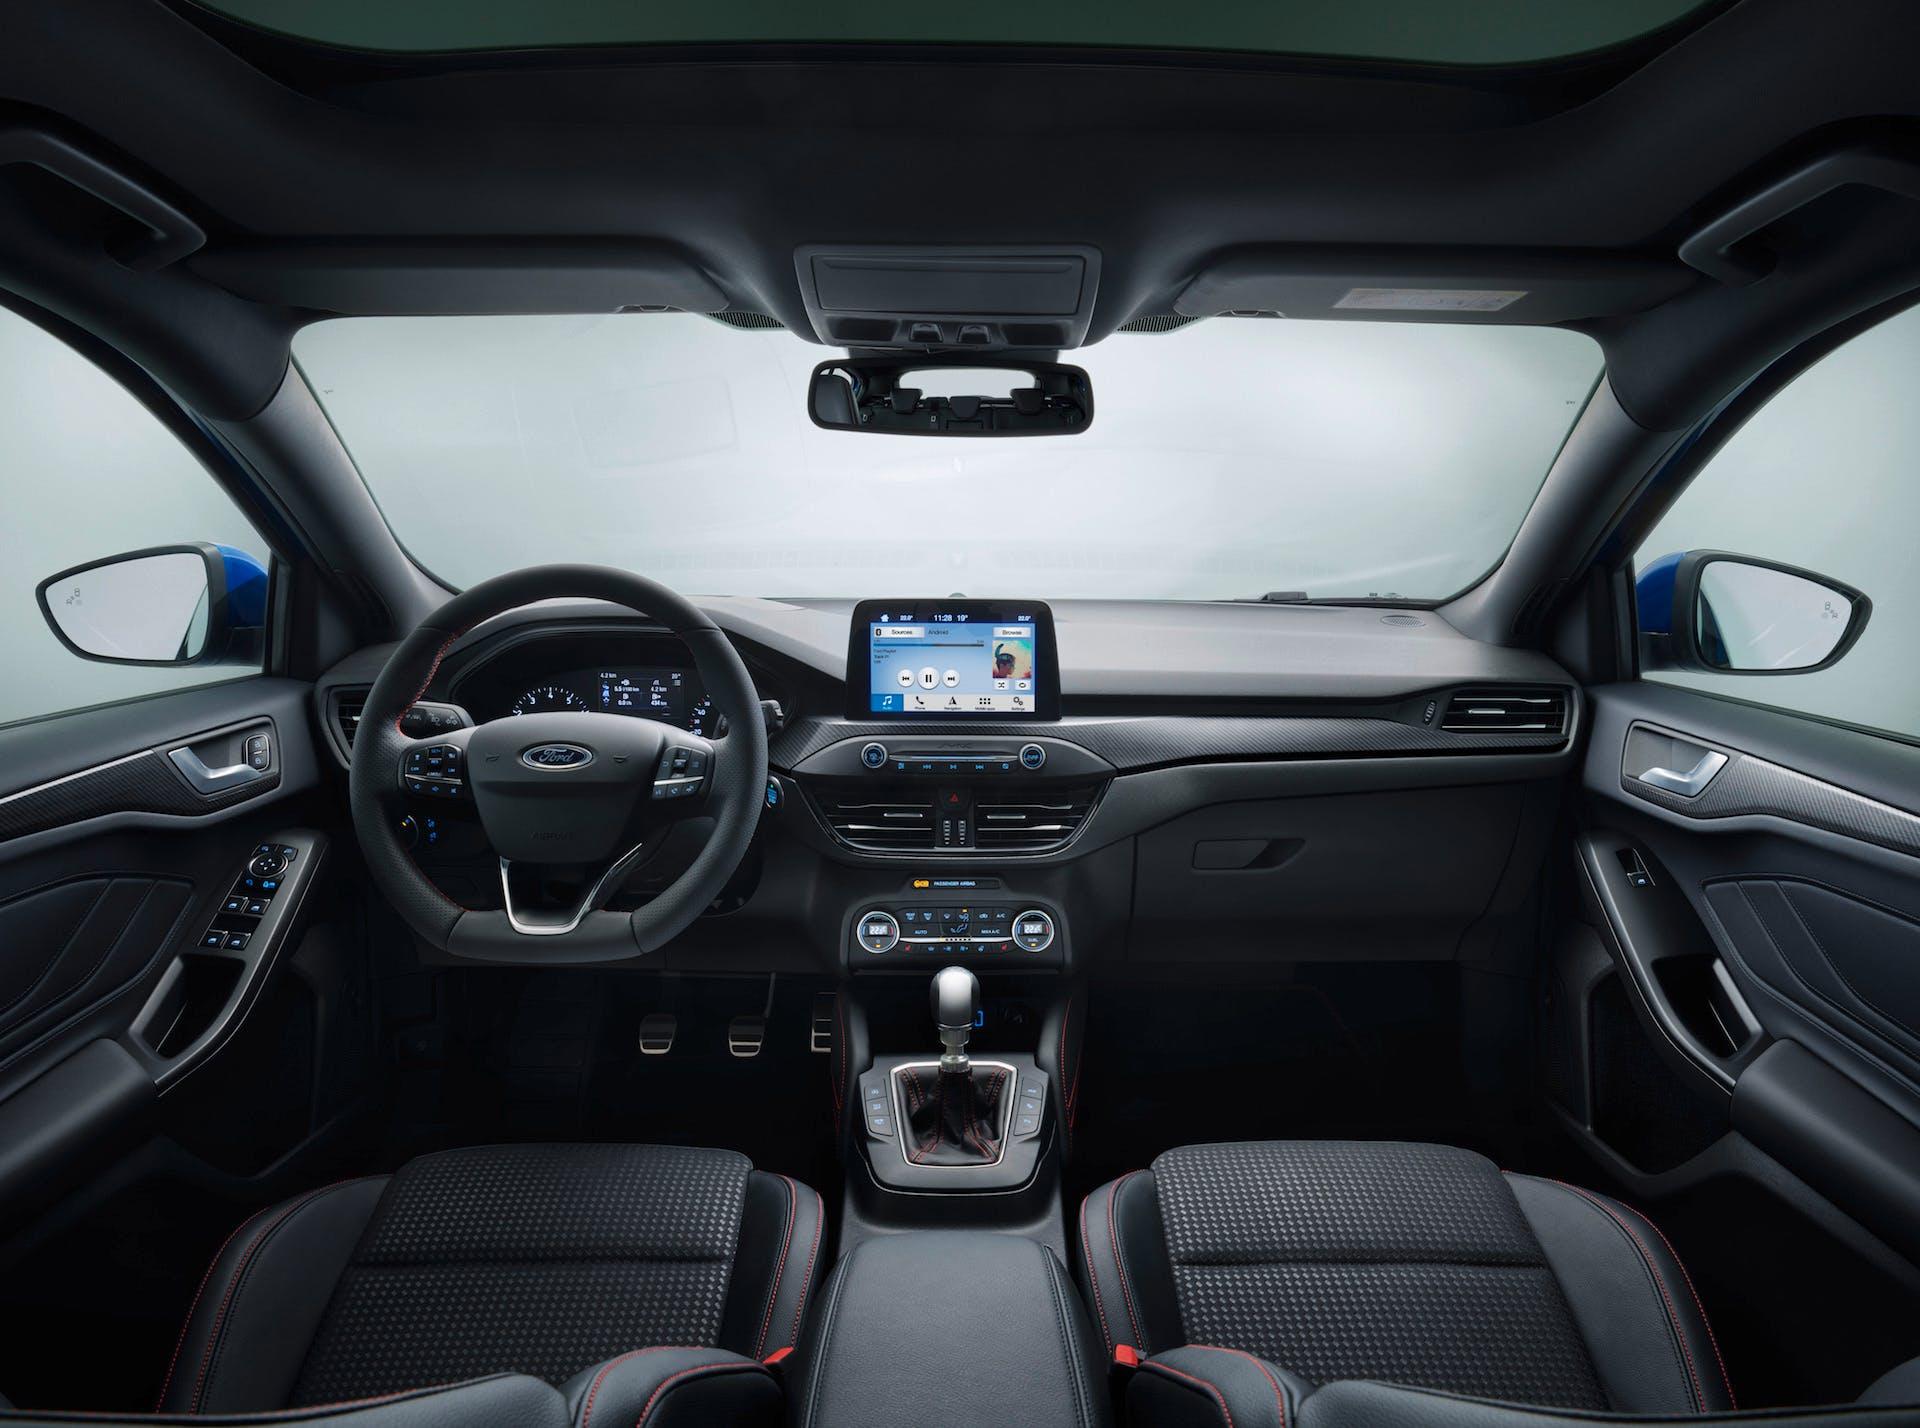 nuova ford focus interni plancia